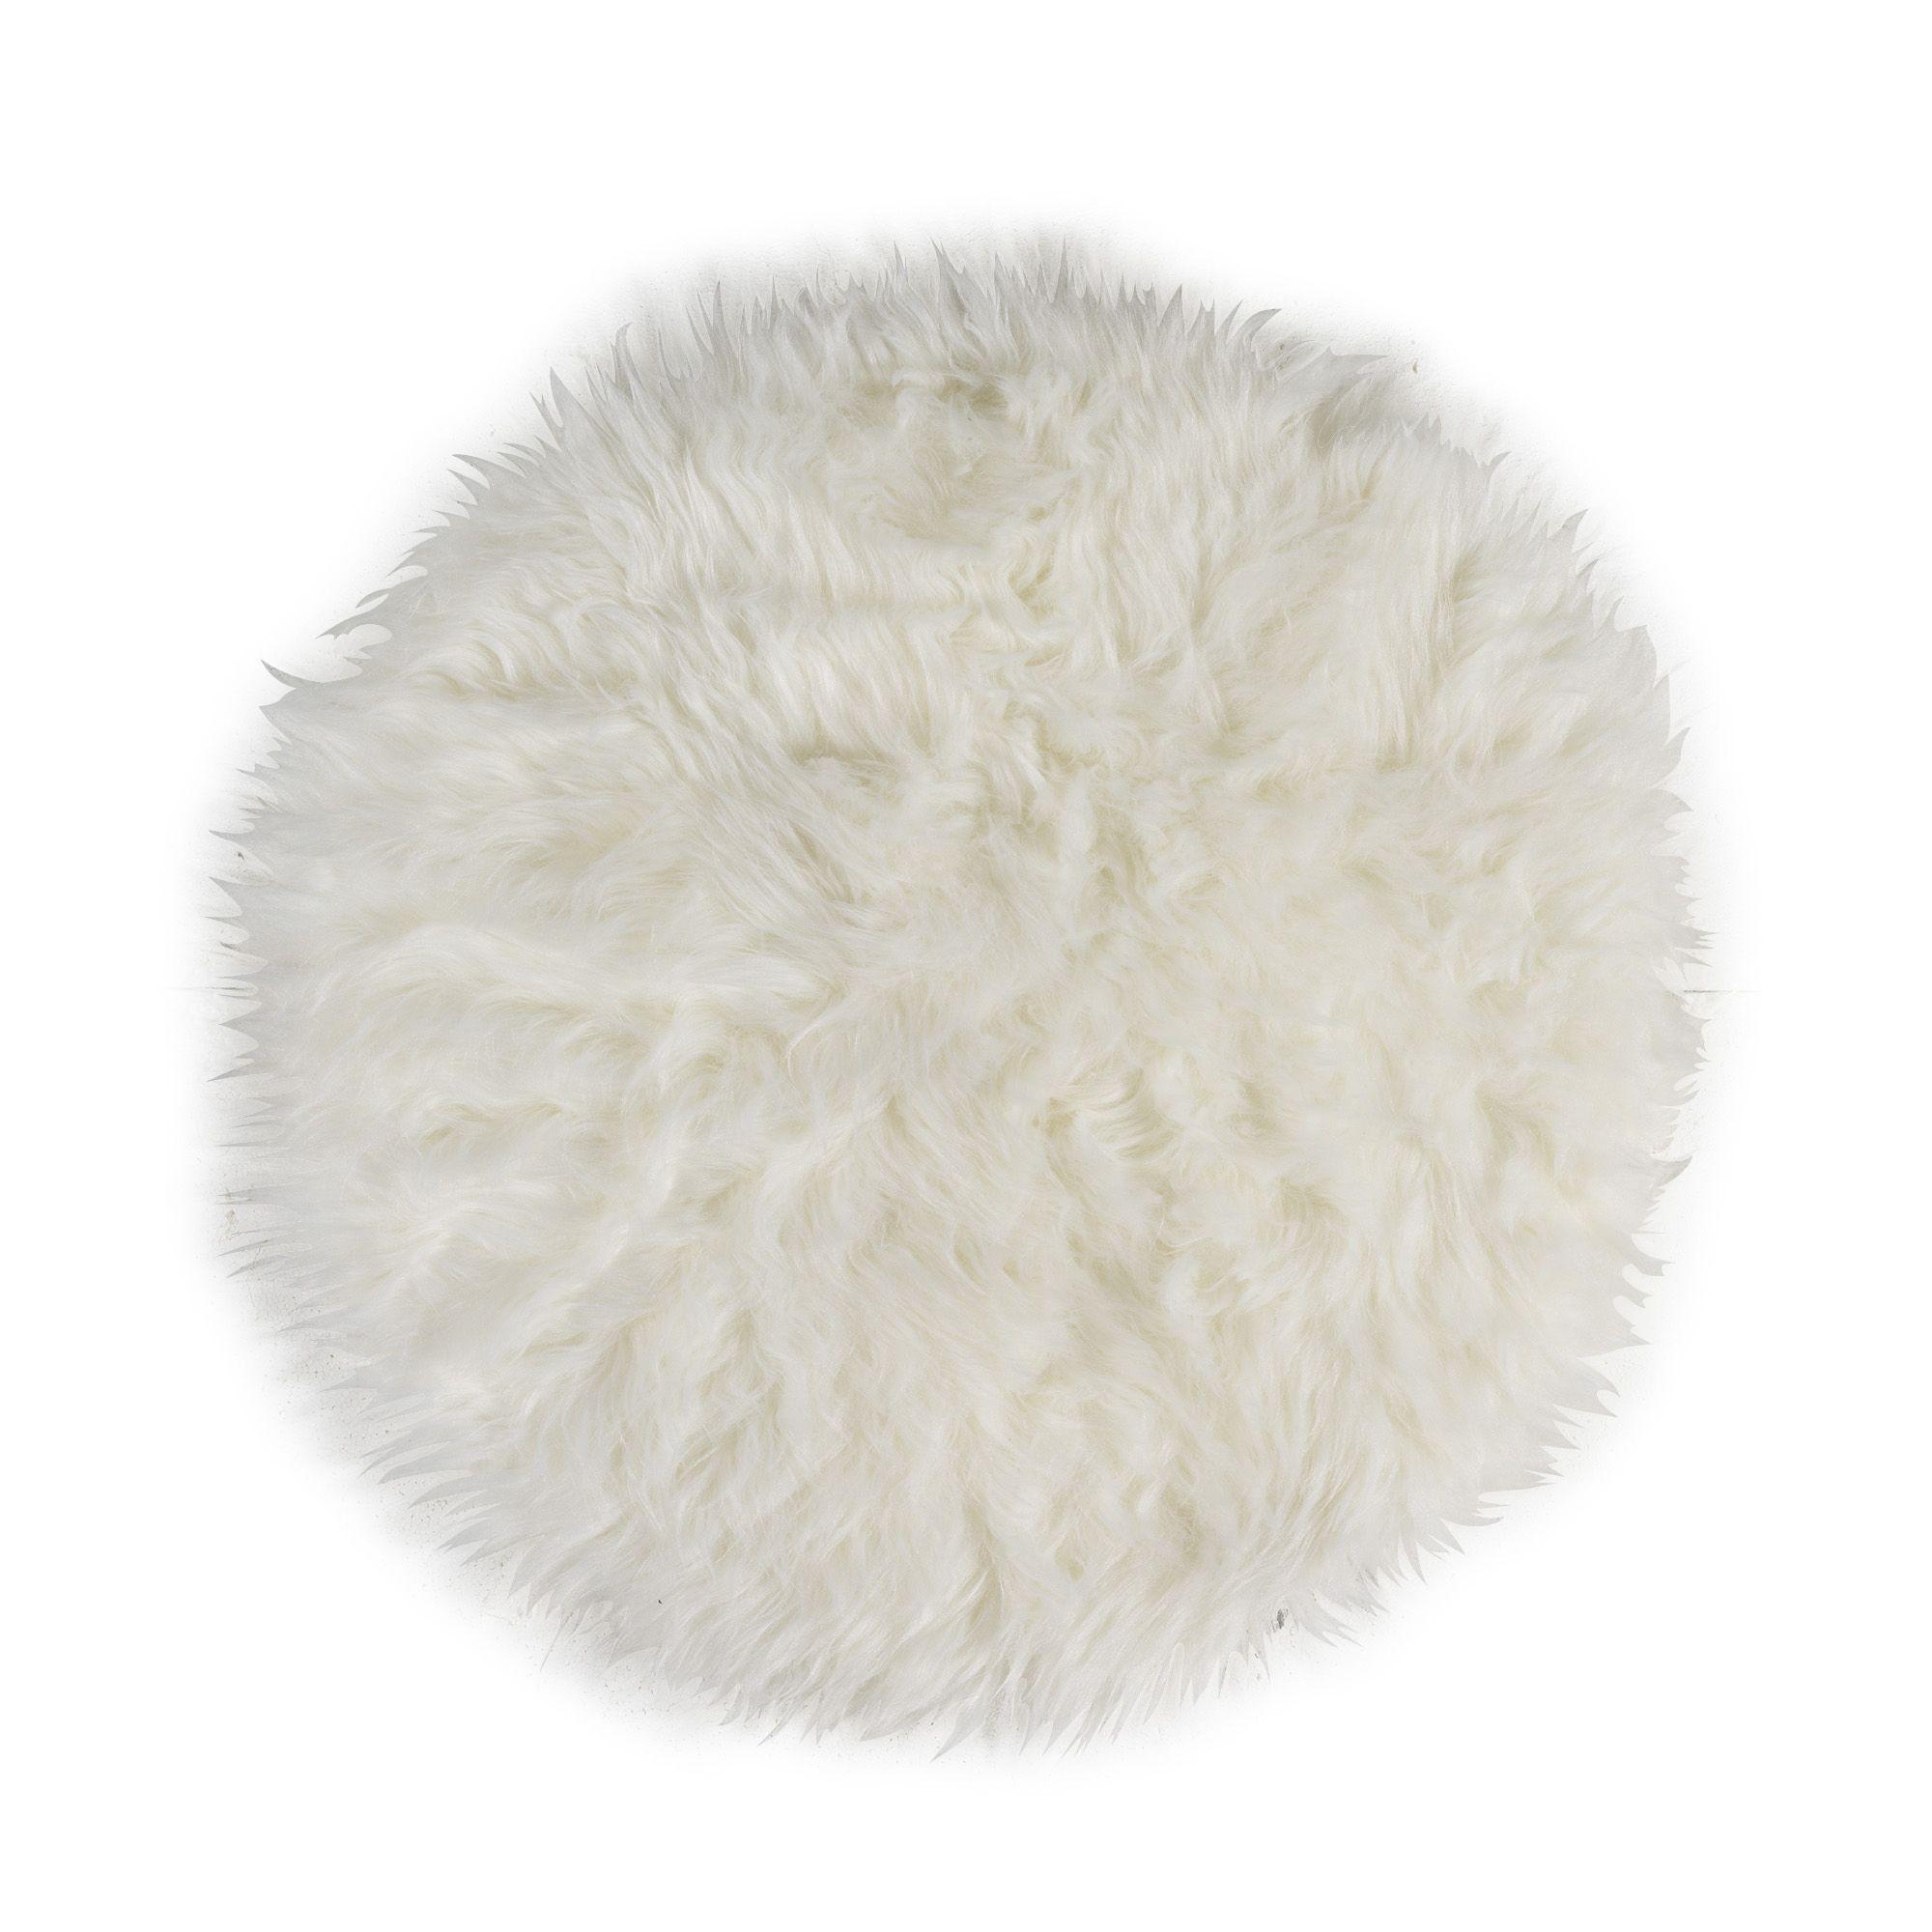 Tapis Long Poil Blanc tapis rond à poils longs blanc 70cm blanc - flokati - les